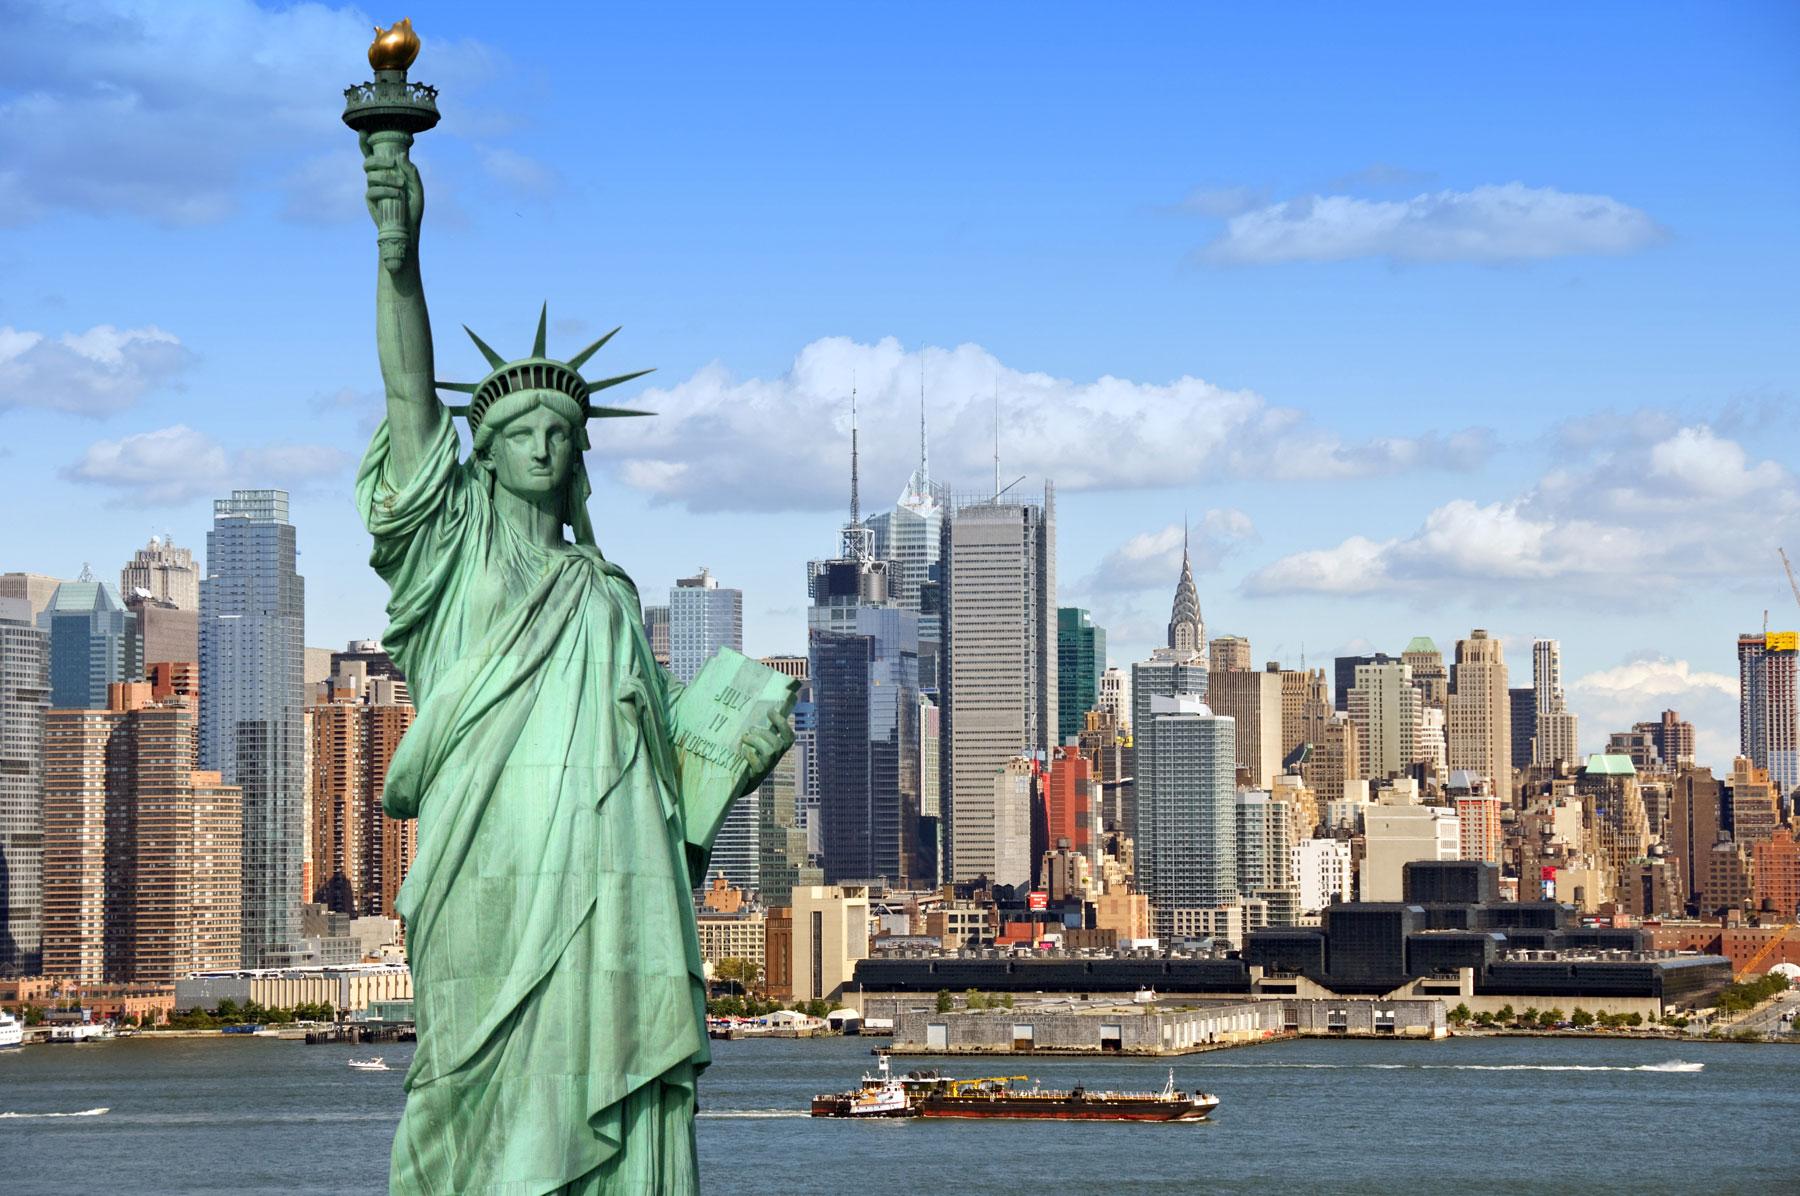 Khám phá New York theo cách của người bản xứ